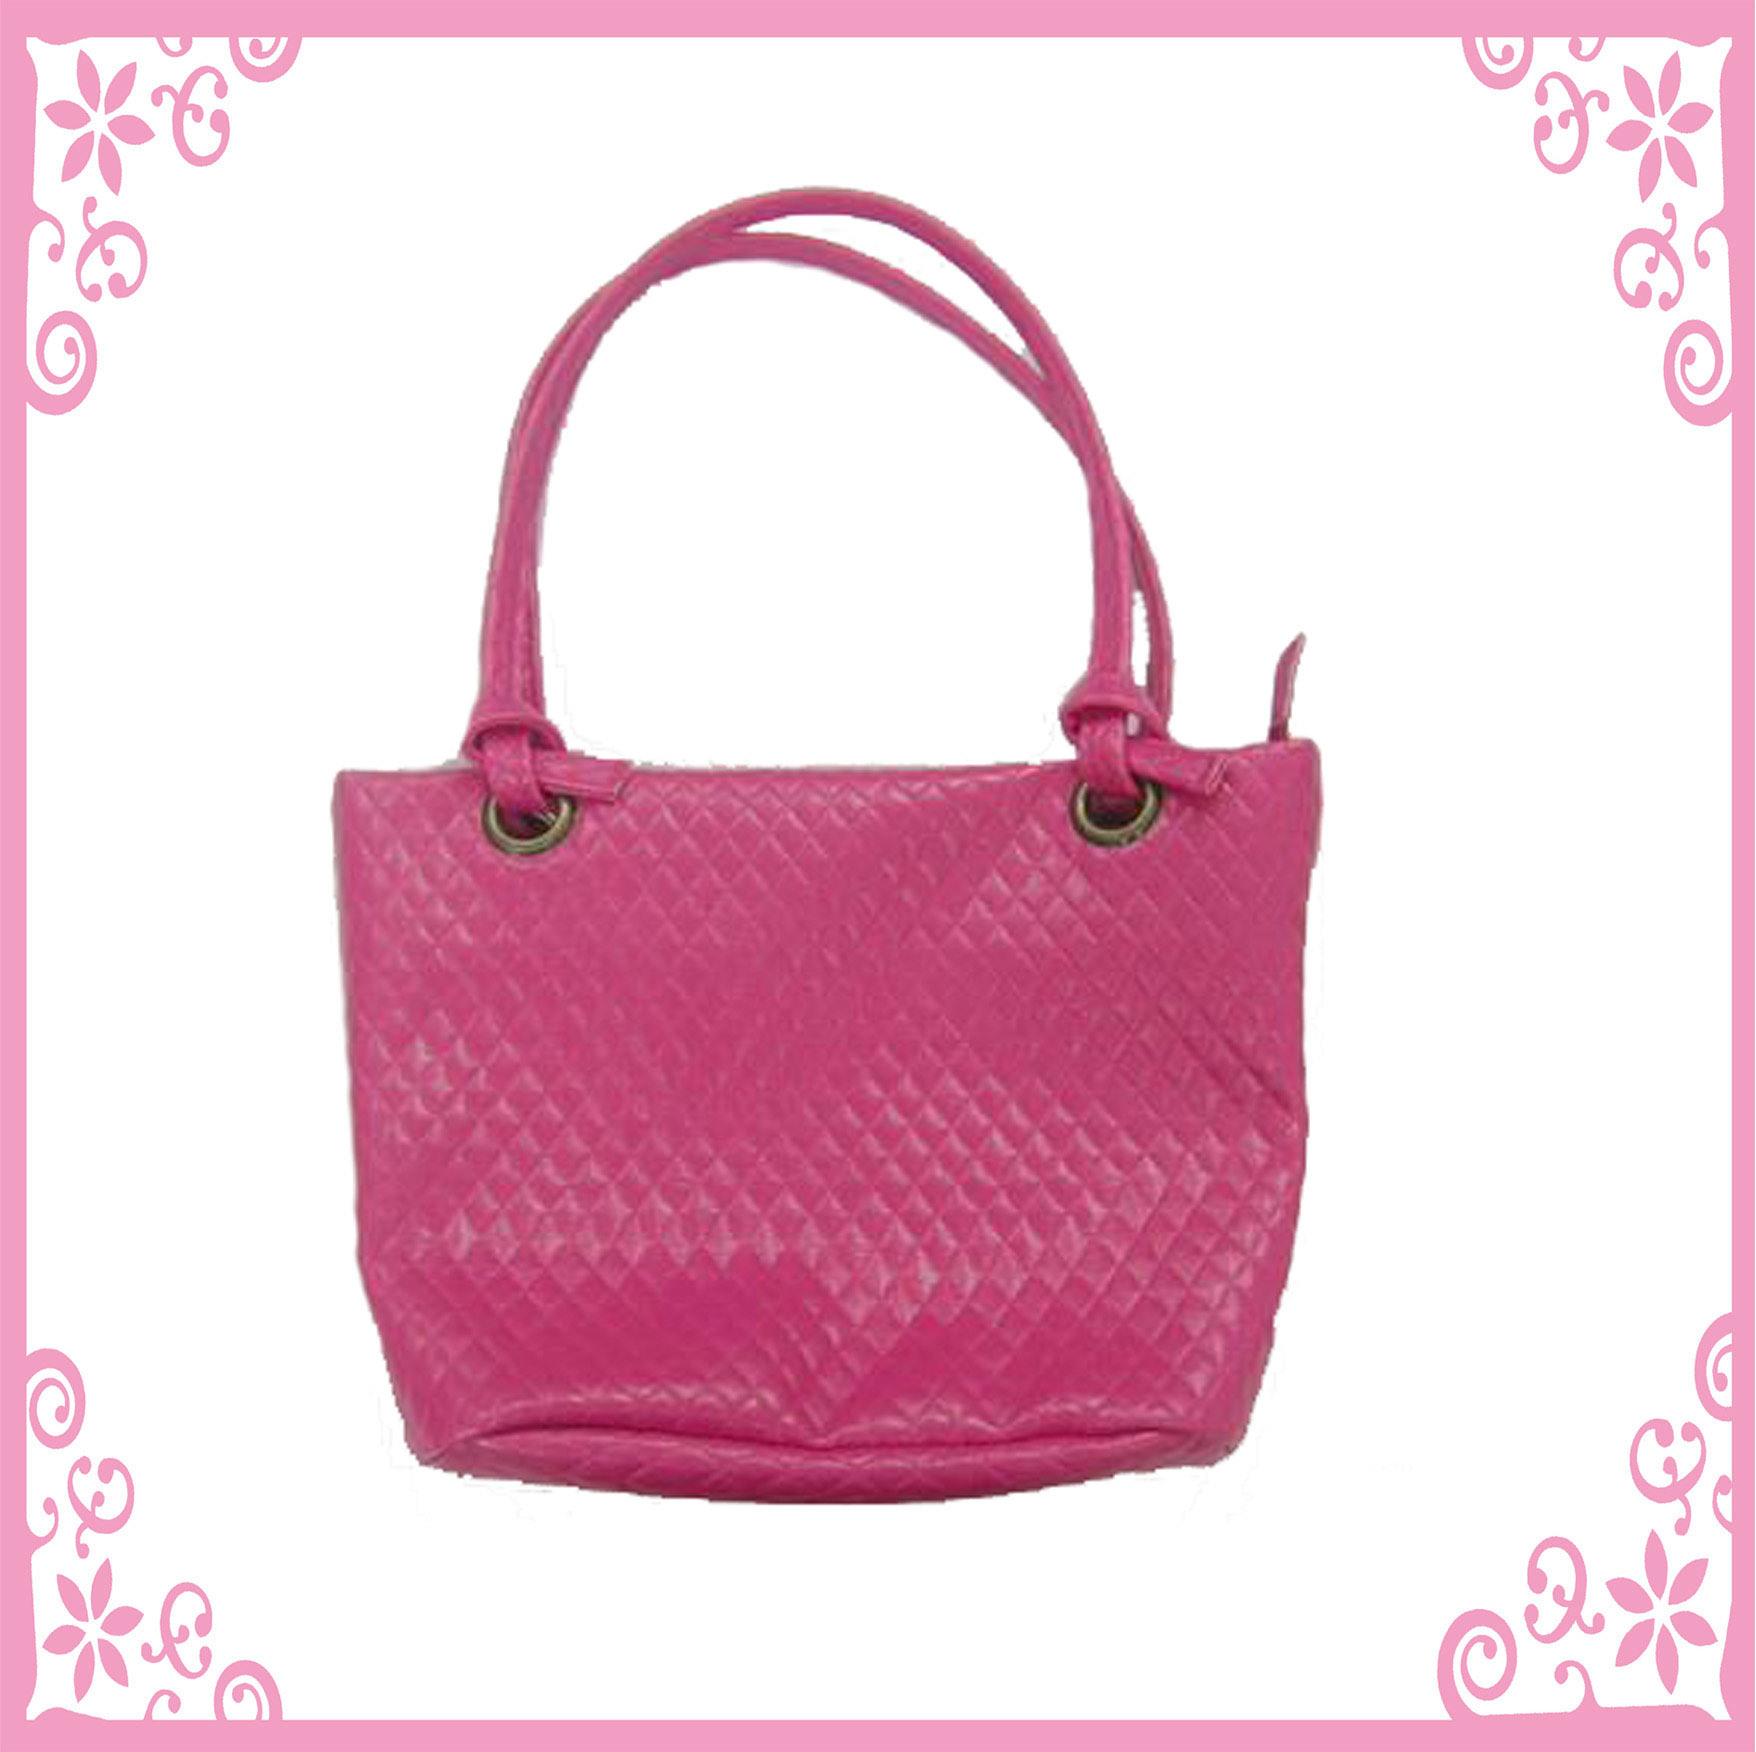 Bolsa De Mão Rosa Pink : Bolsa cor de rosa senhora